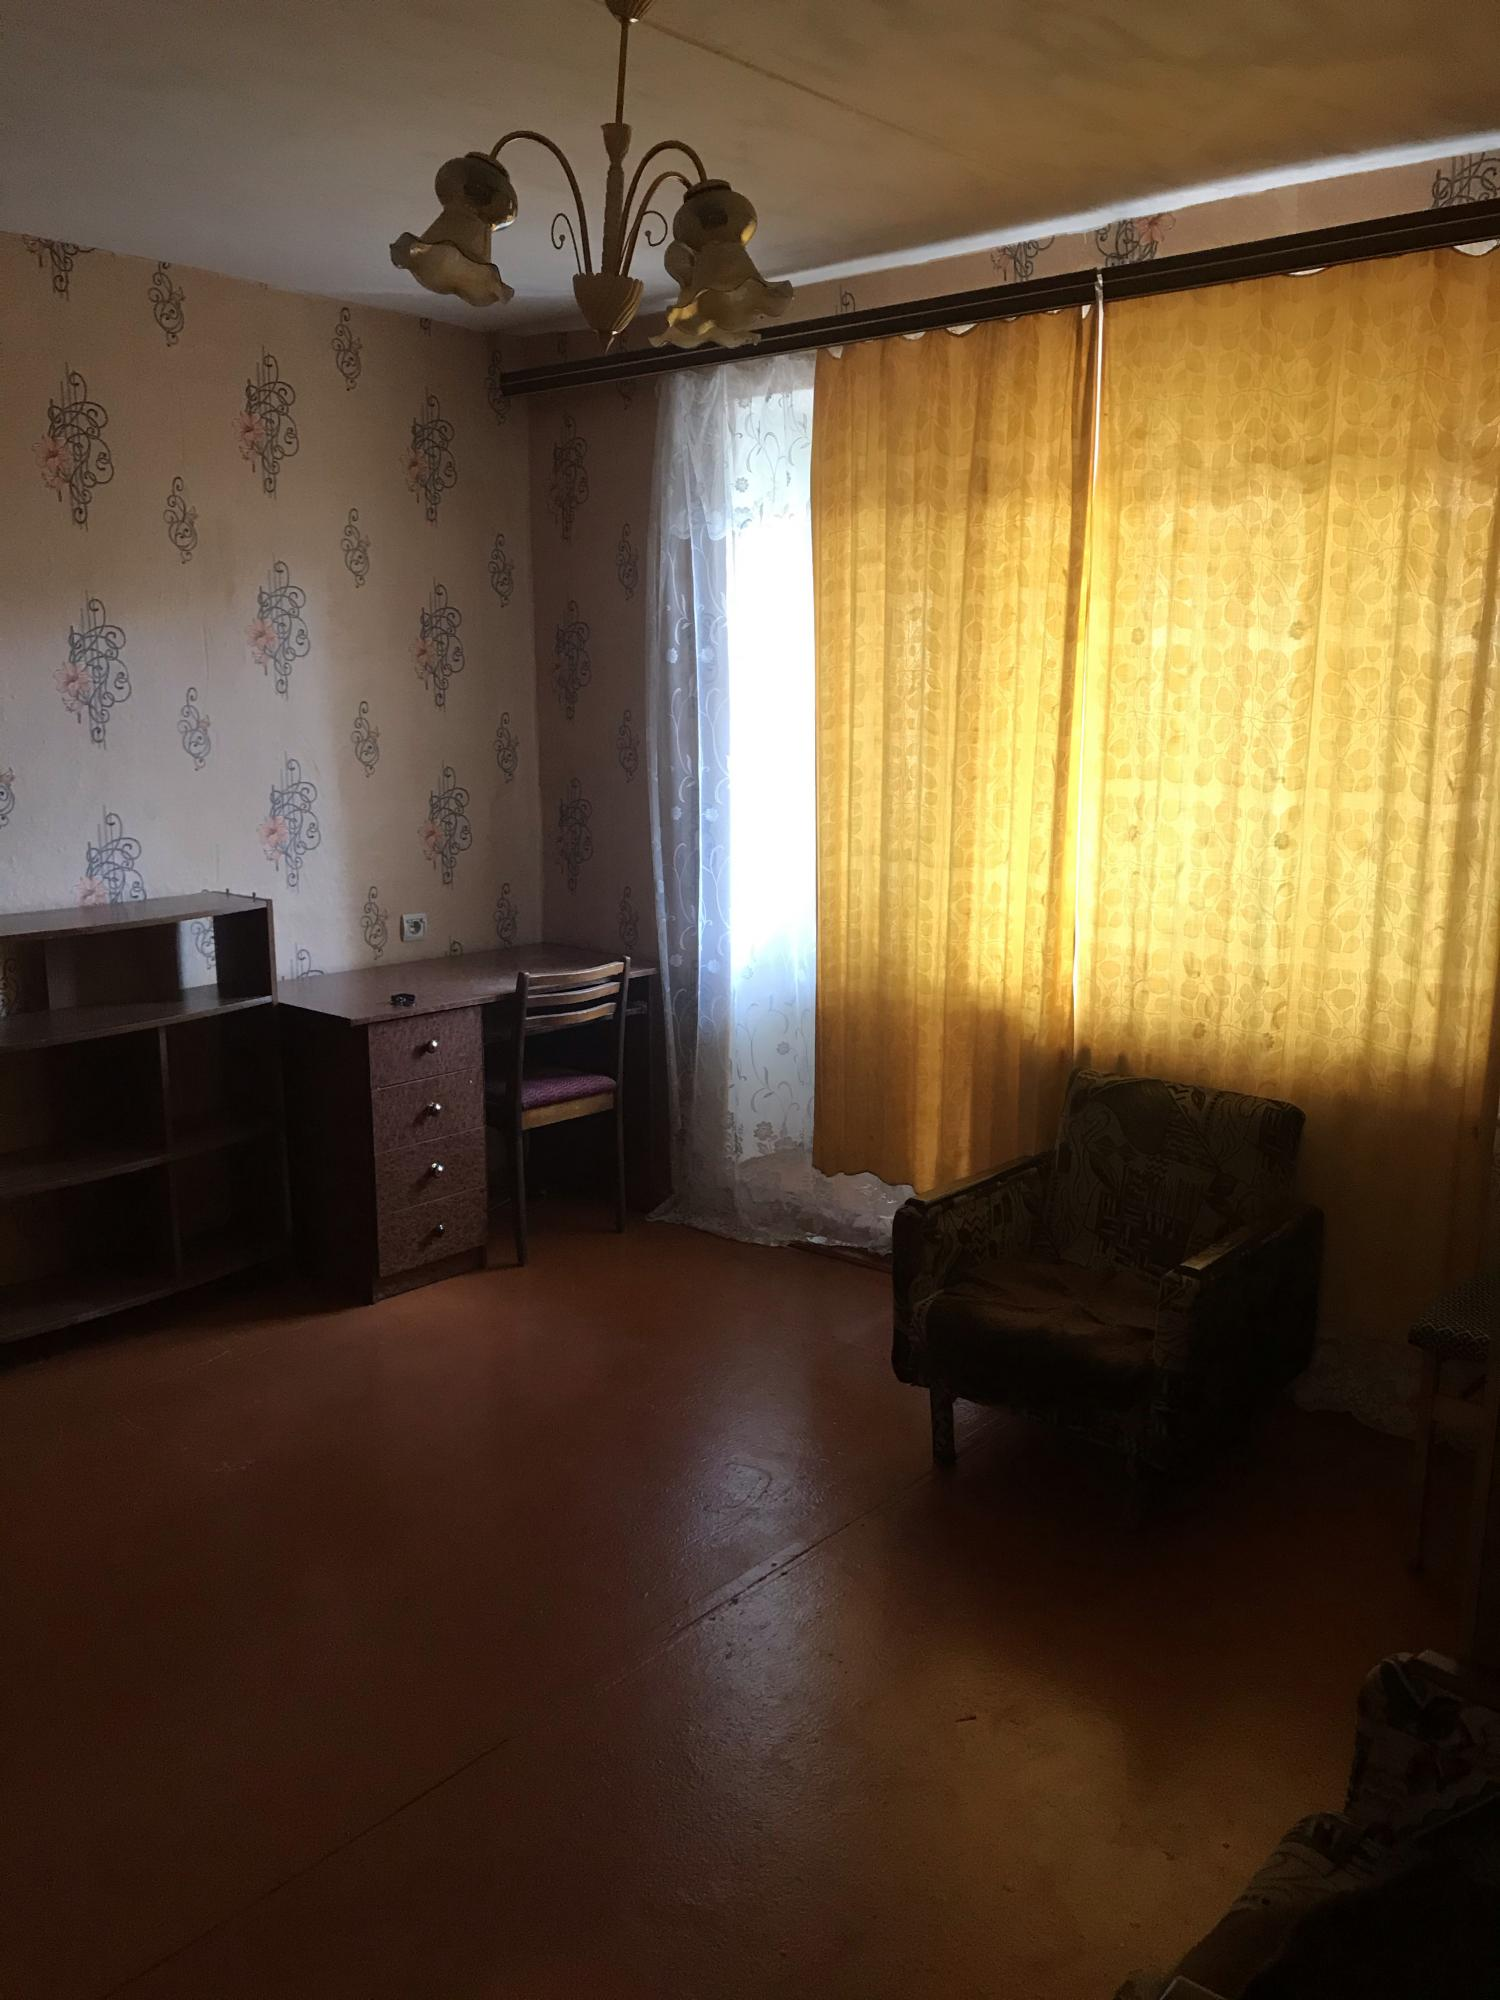 Квартира, 1 комната, 33 м² в Смоленске 89517109159 купить 2